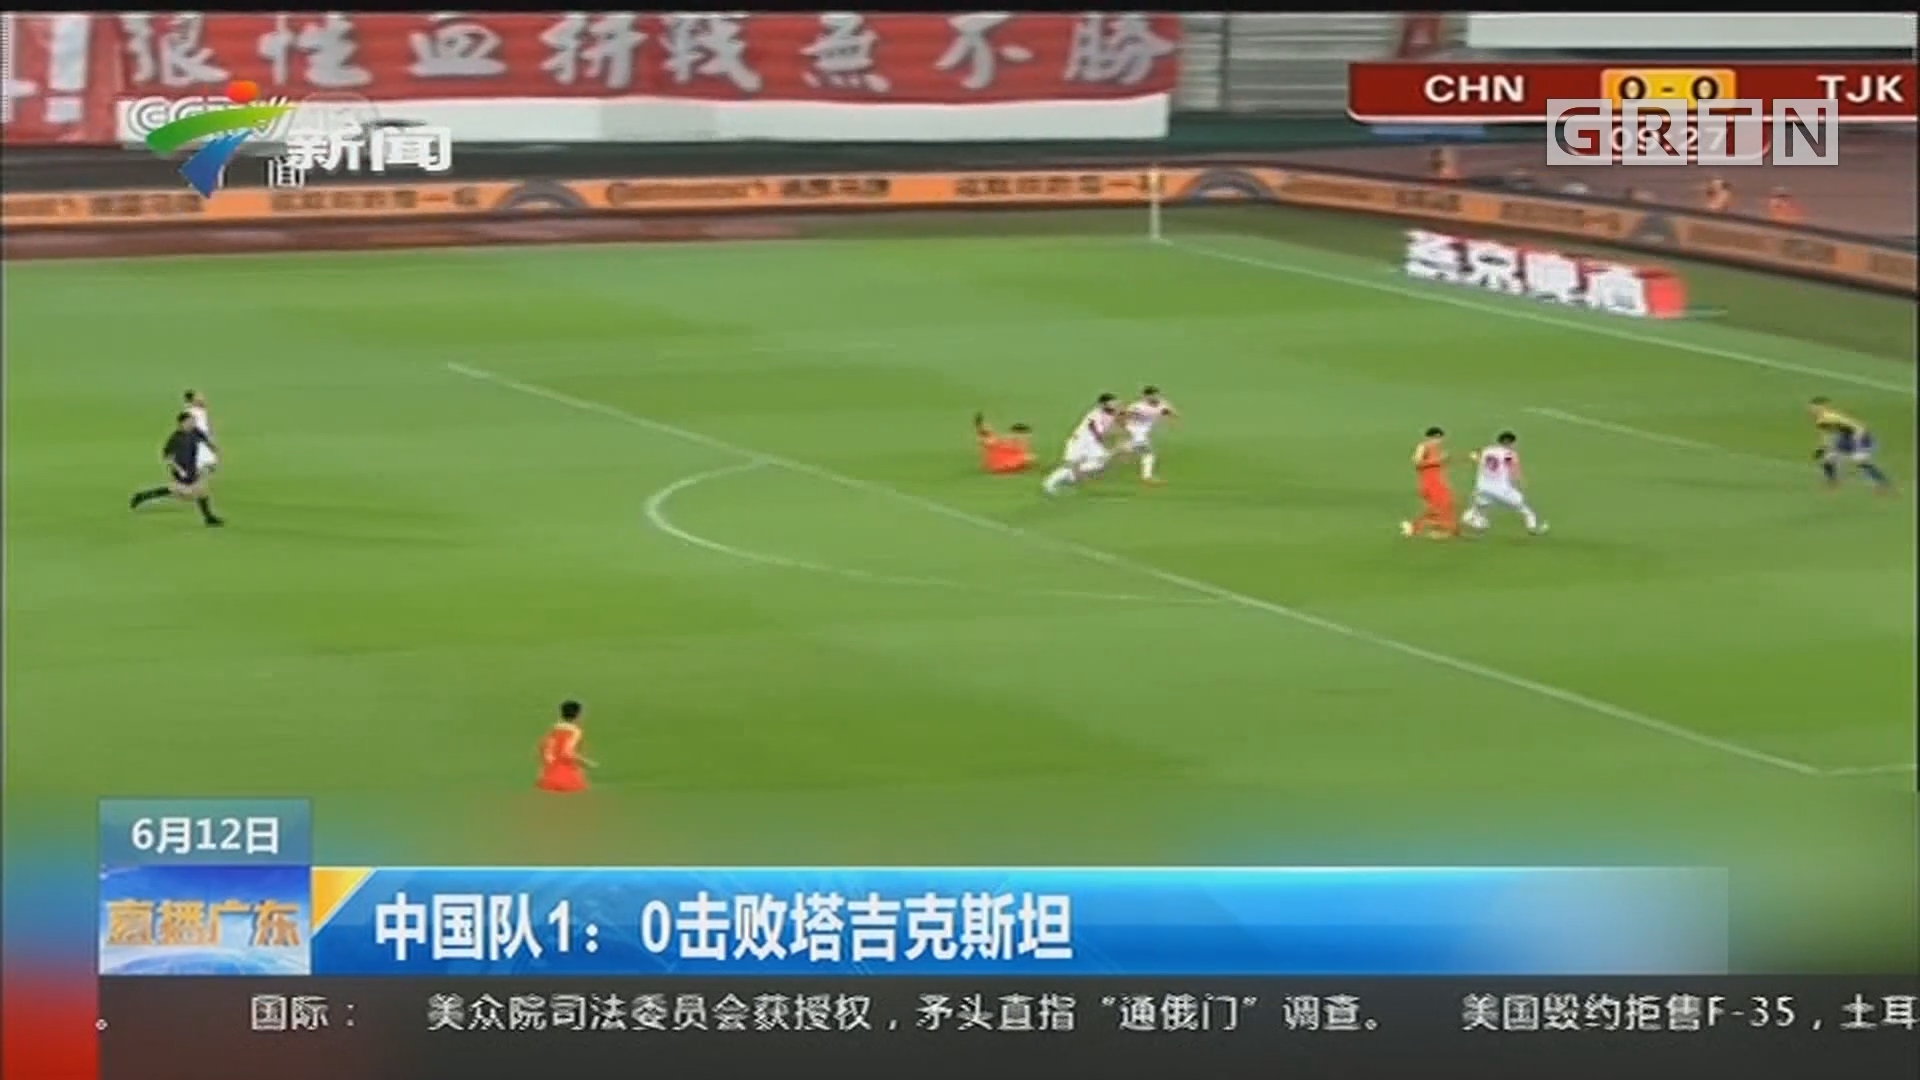 中国队1:0击败塔吉克斯坦